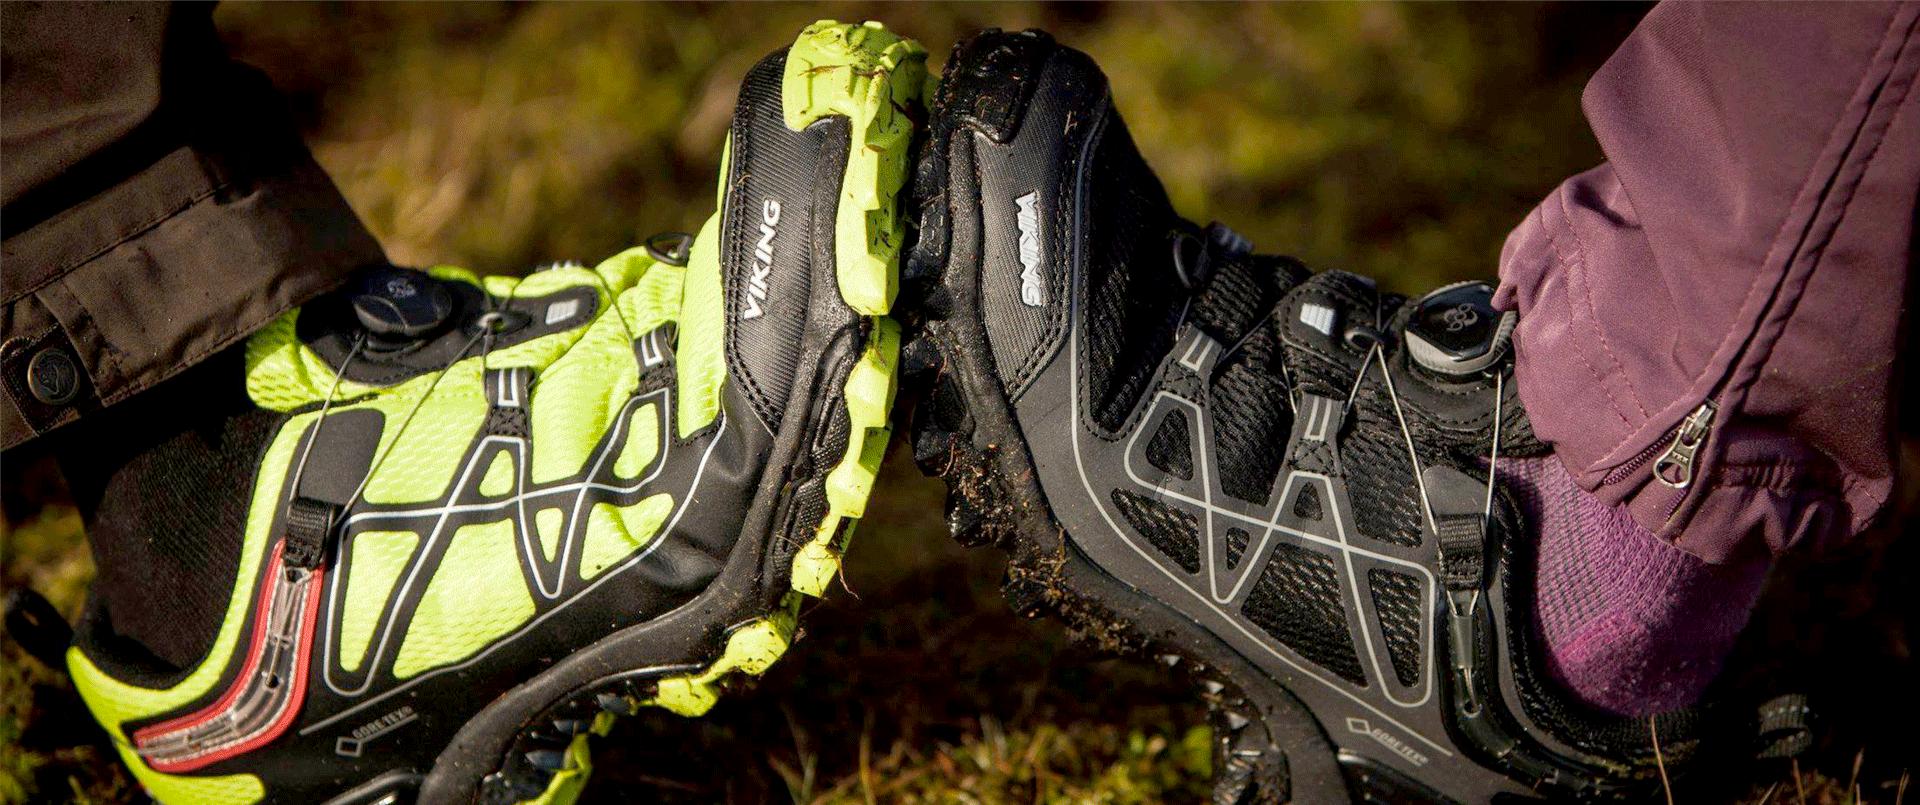 f323c9c2 Når du har stadfestet fotens lengde legger du på et overmål som vil  bestemme hvilken type sko eller støvel du skal kjøpe.